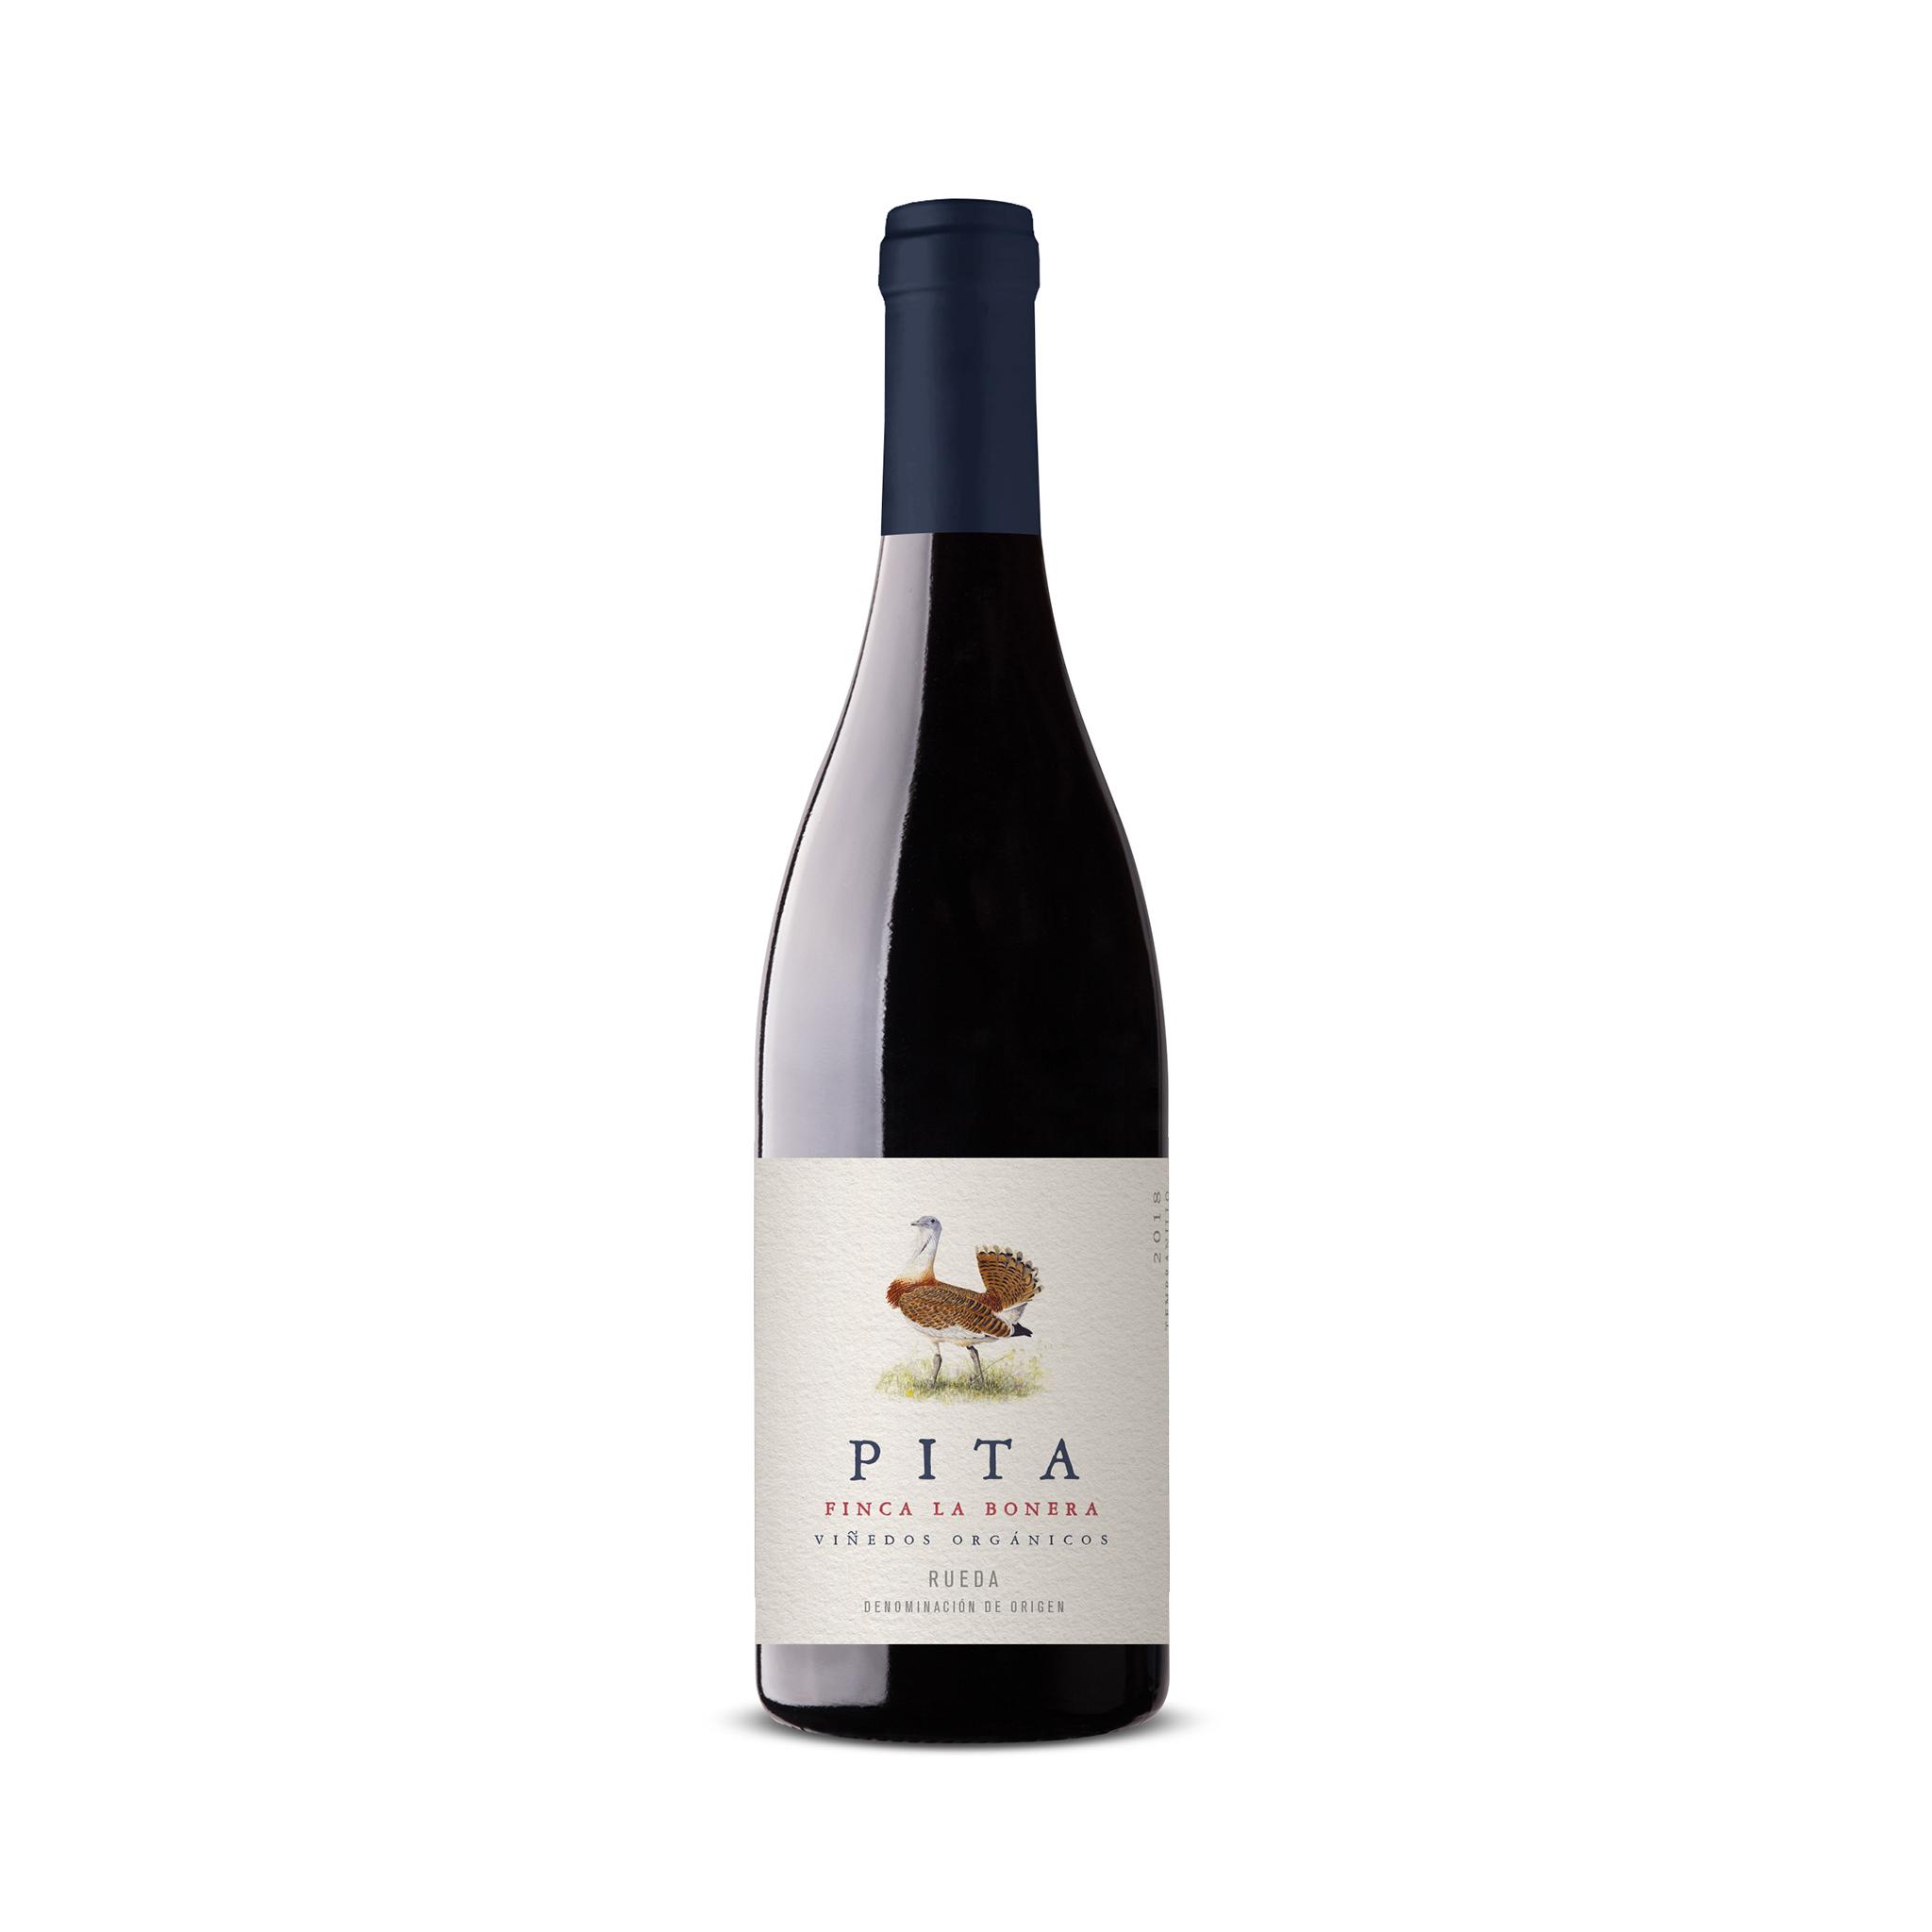 PITA_BONERA_botella